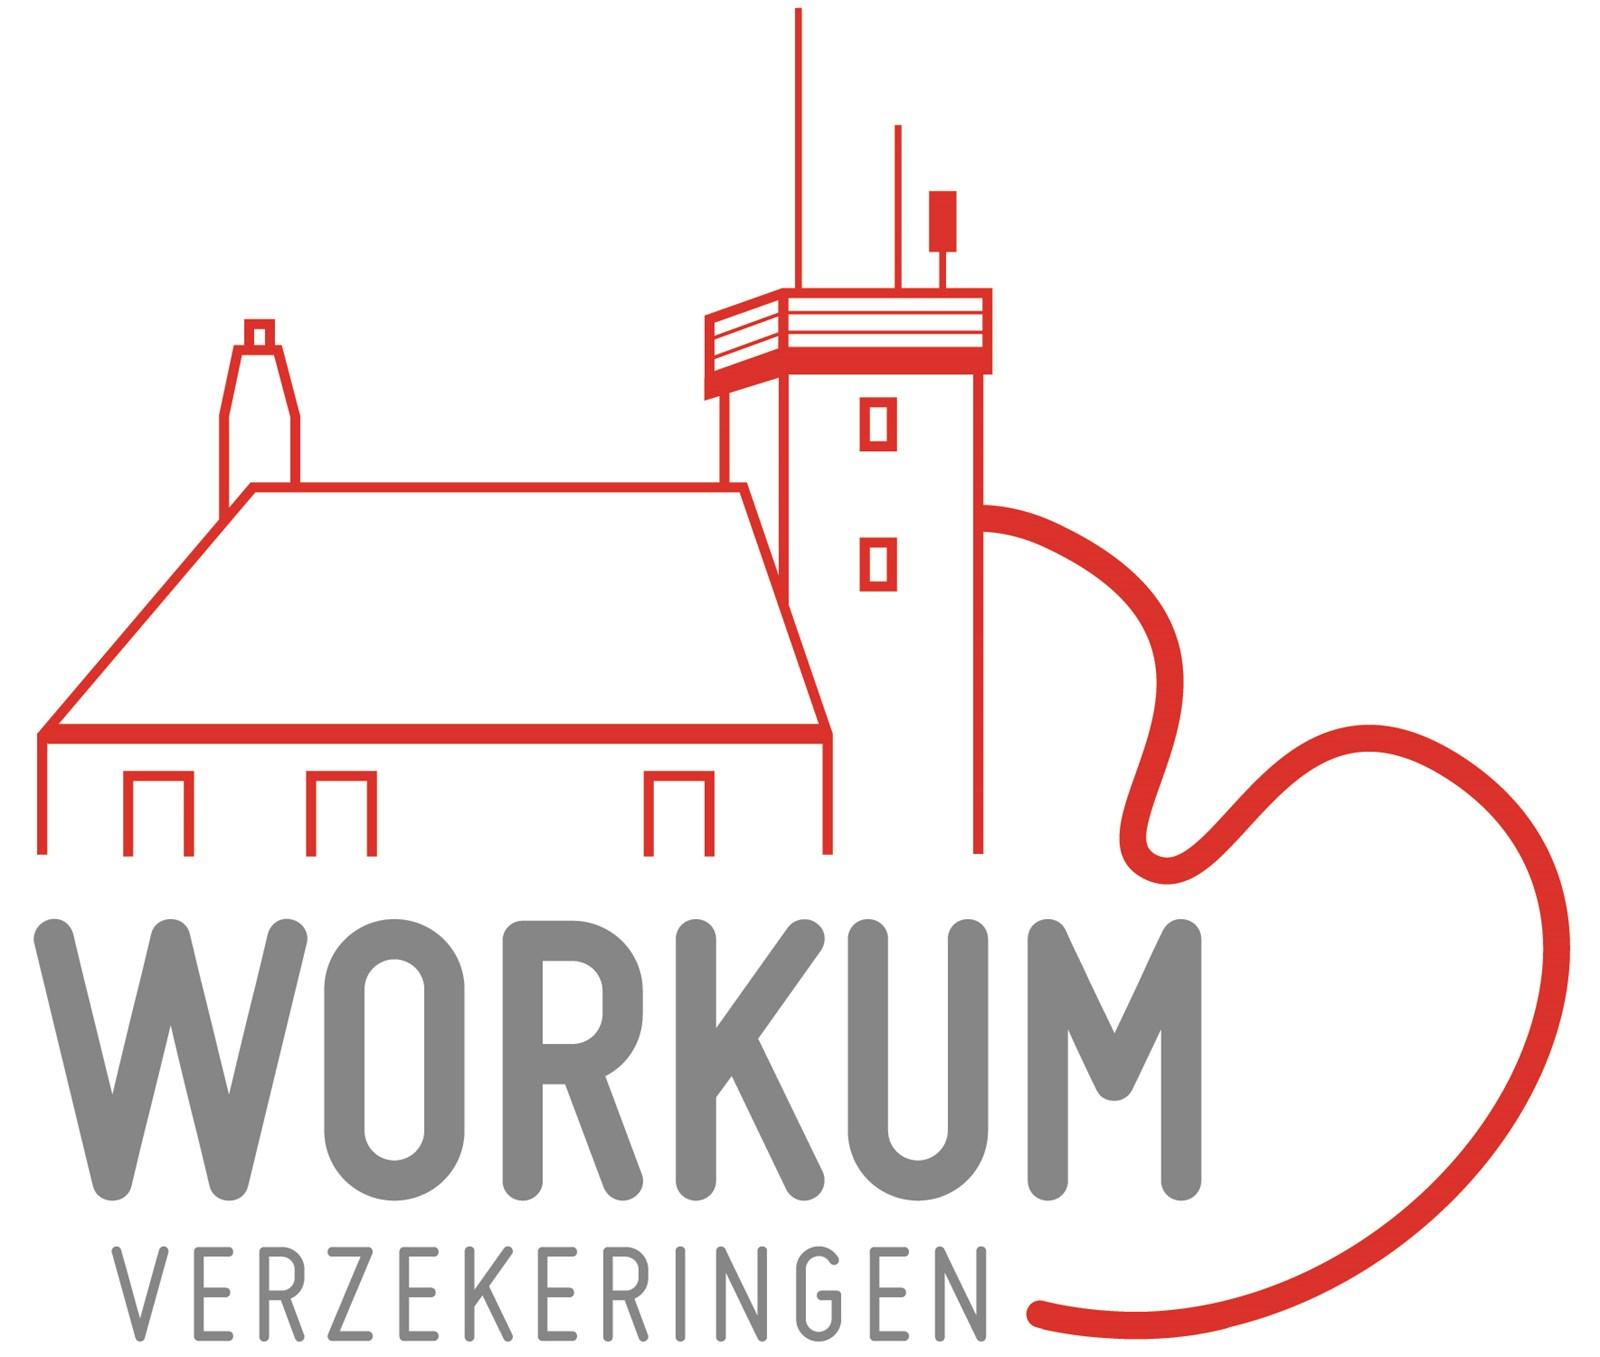 Logo van Workum Verzekeringen